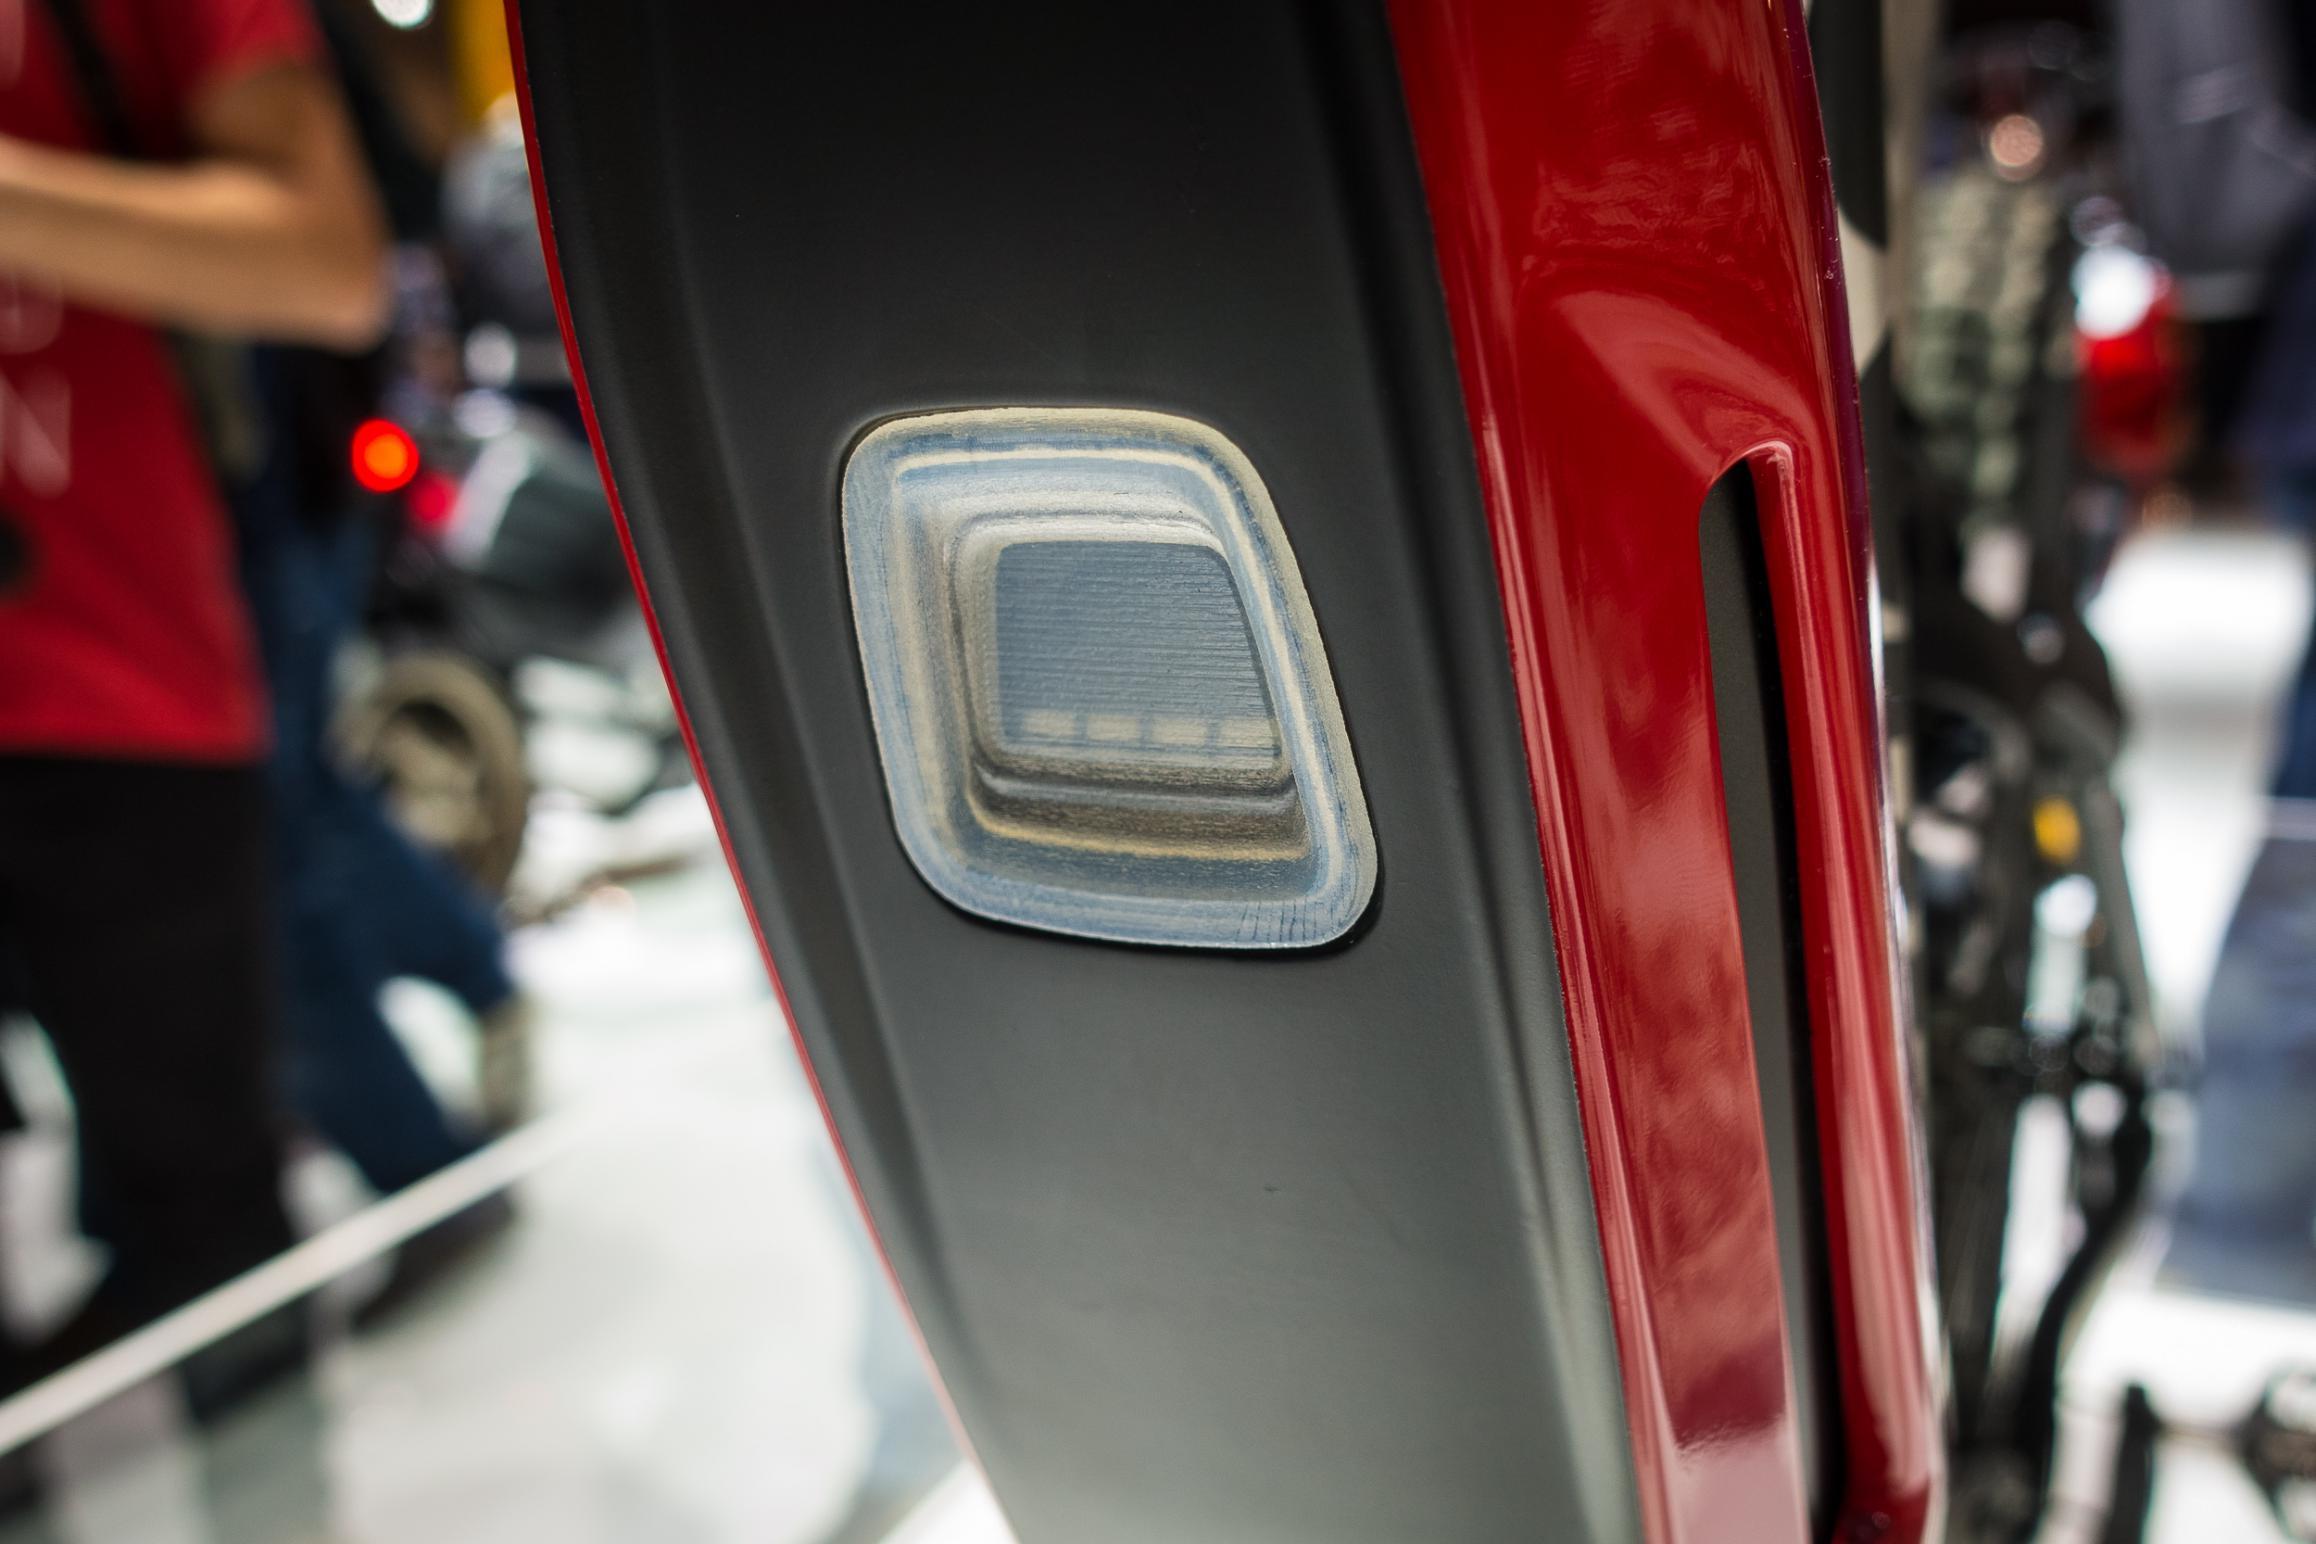 #6 Die Akkuhalterung wurde überarbeitet und besitzt nun ein Sichtfenster zum Ablesen des Batterieladezustands